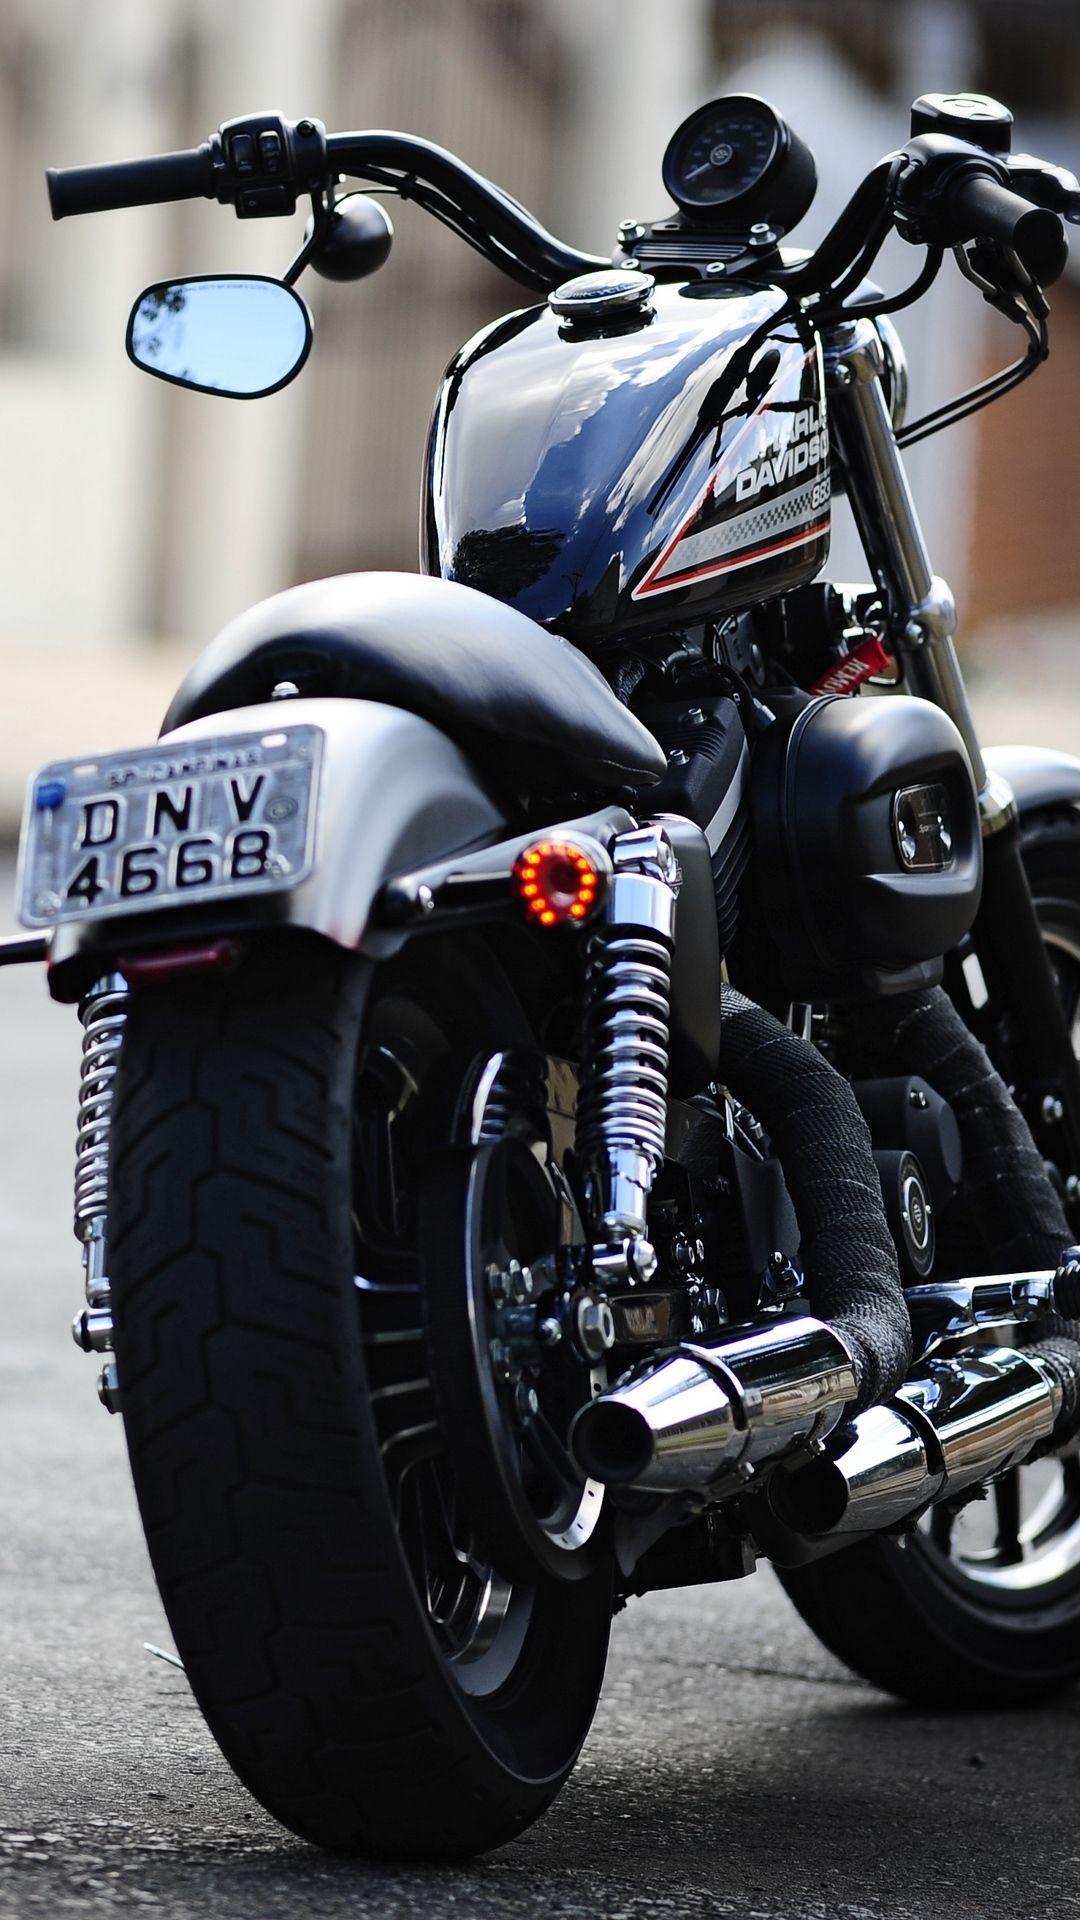 Harley Davidson Picture In 2020 Harley Davidson Wallpaper Harley Davidson Pictures Harley Davidson Bikes